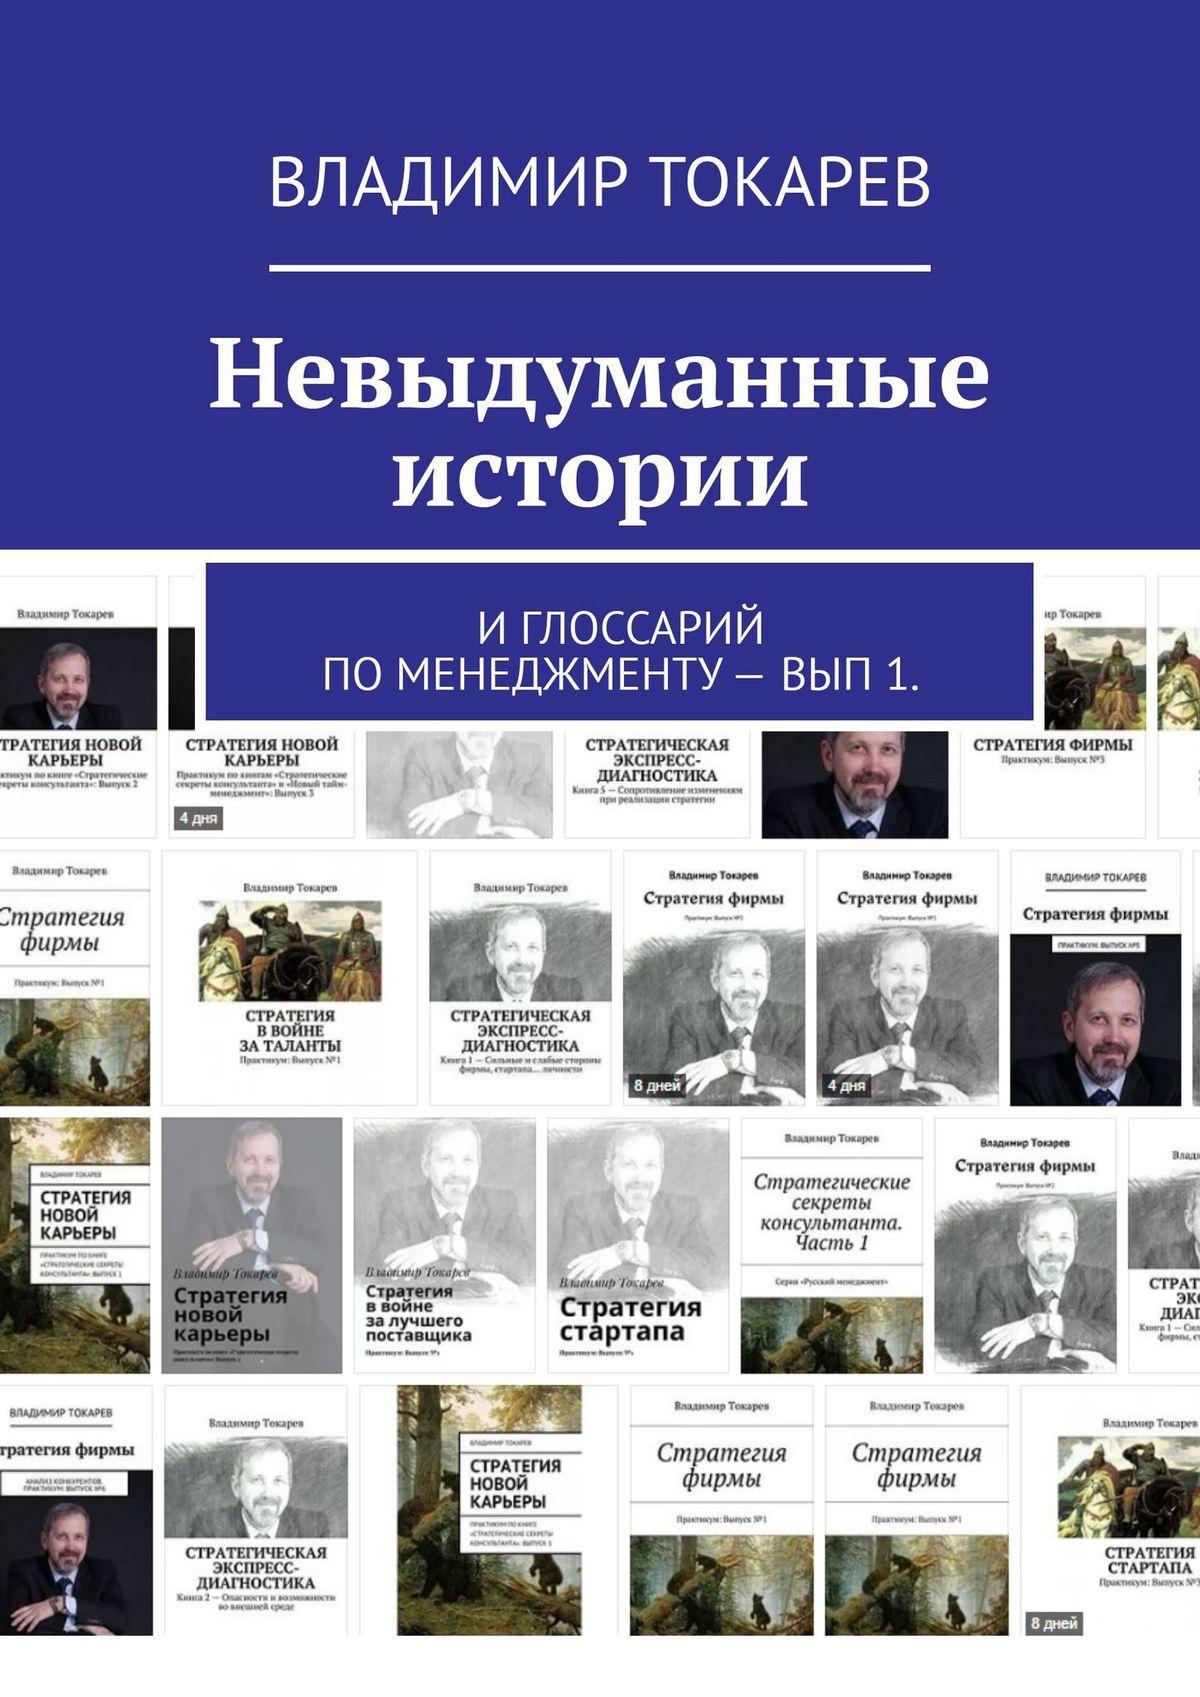 Владимир Токарев Невыдуманные истории. И глоссарий по менеджменту– вып1.